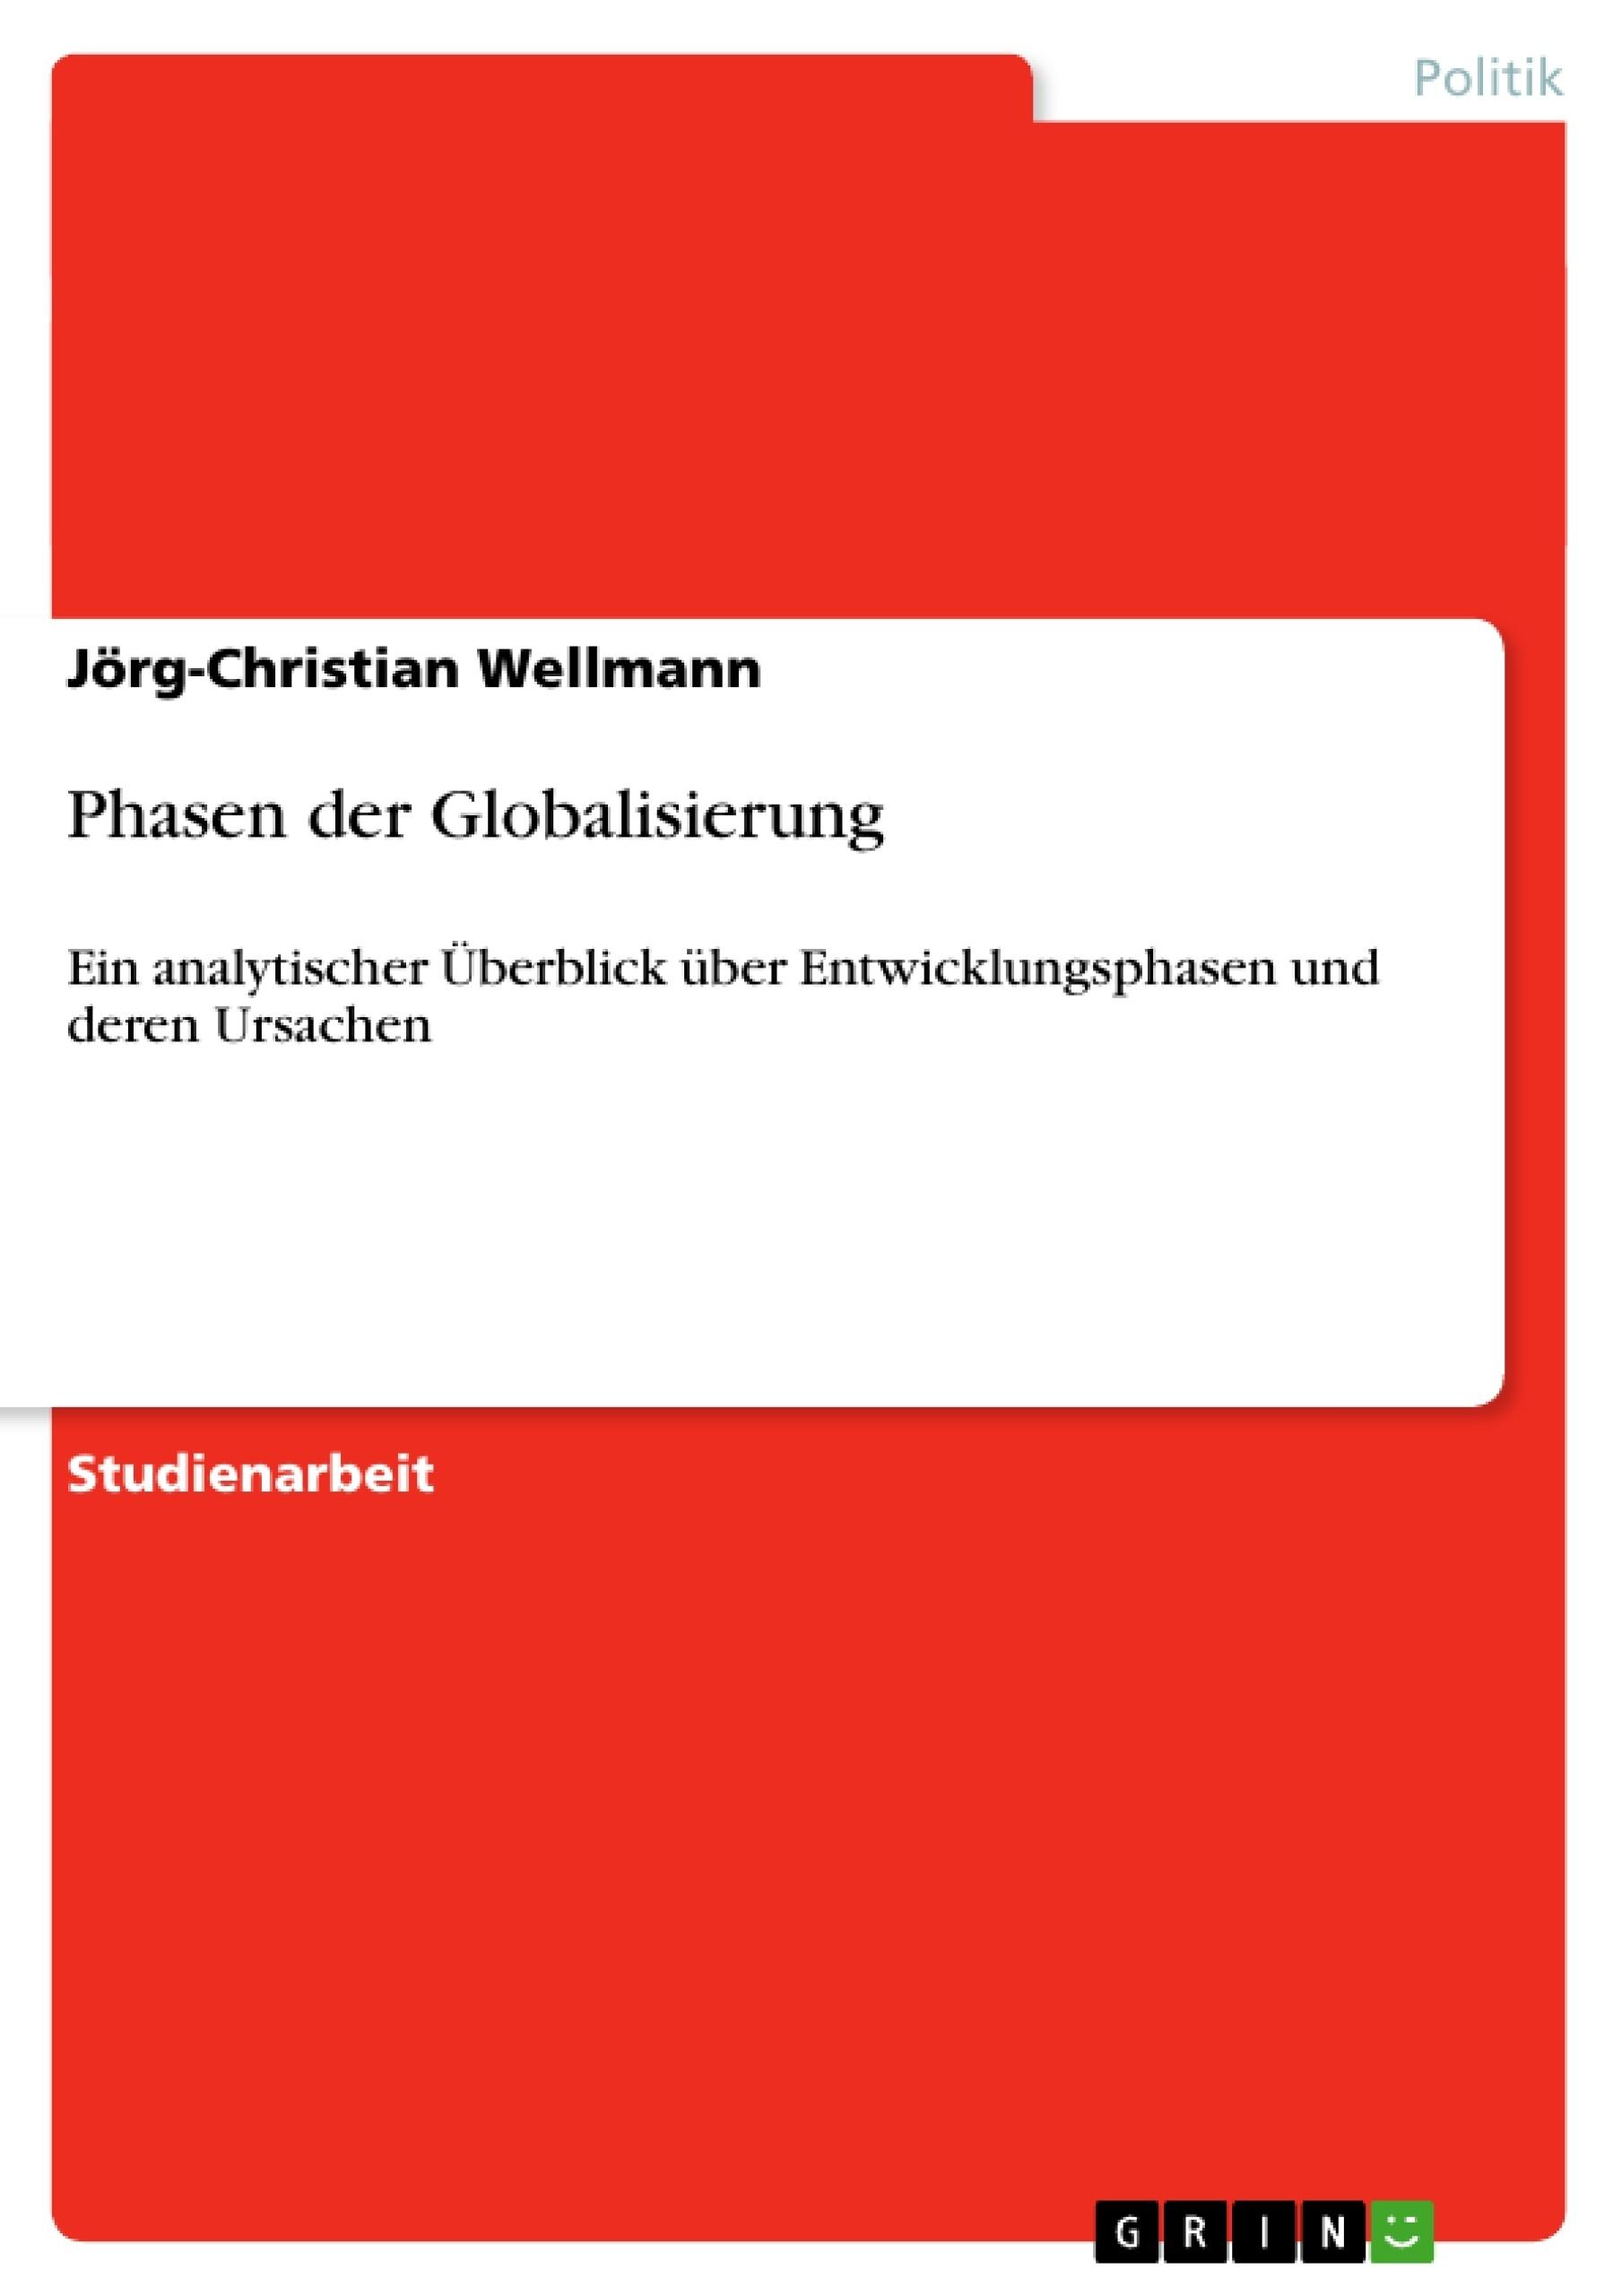 Titel: Phasen der Globalisierung